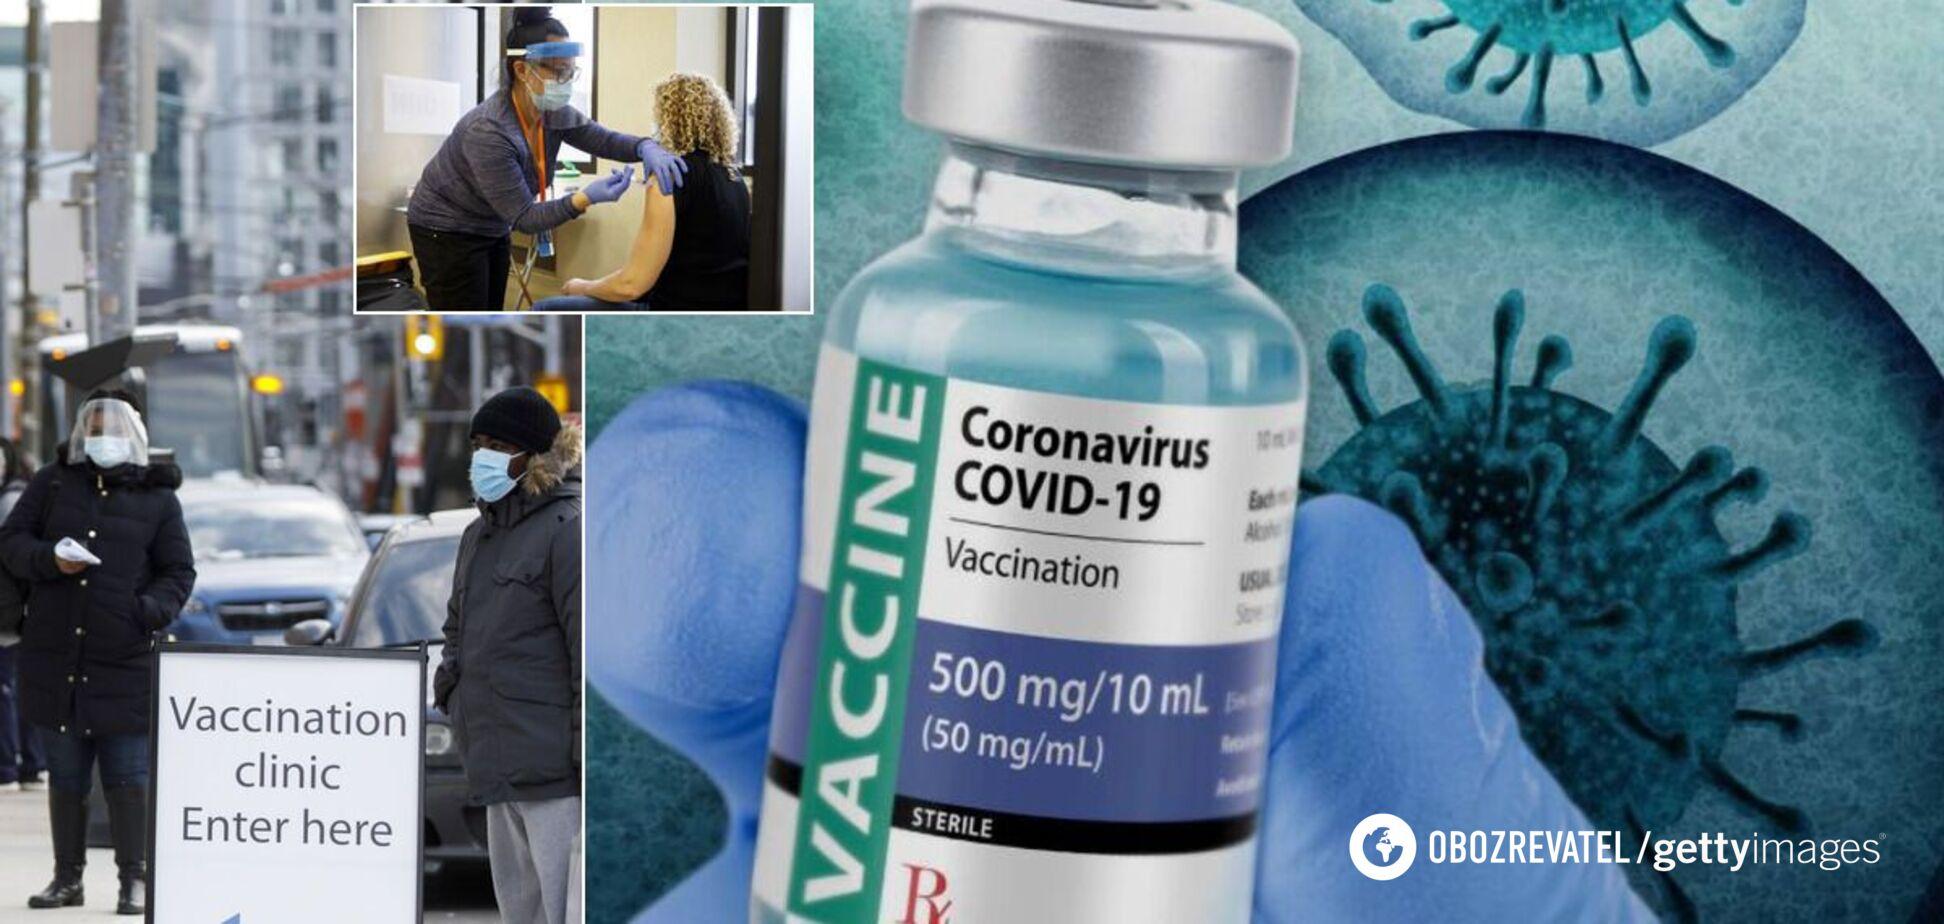 В Европе стартовала массовая вакцинация от коронавируса: кто получит 'дозу' и чем обеспокоен Европол